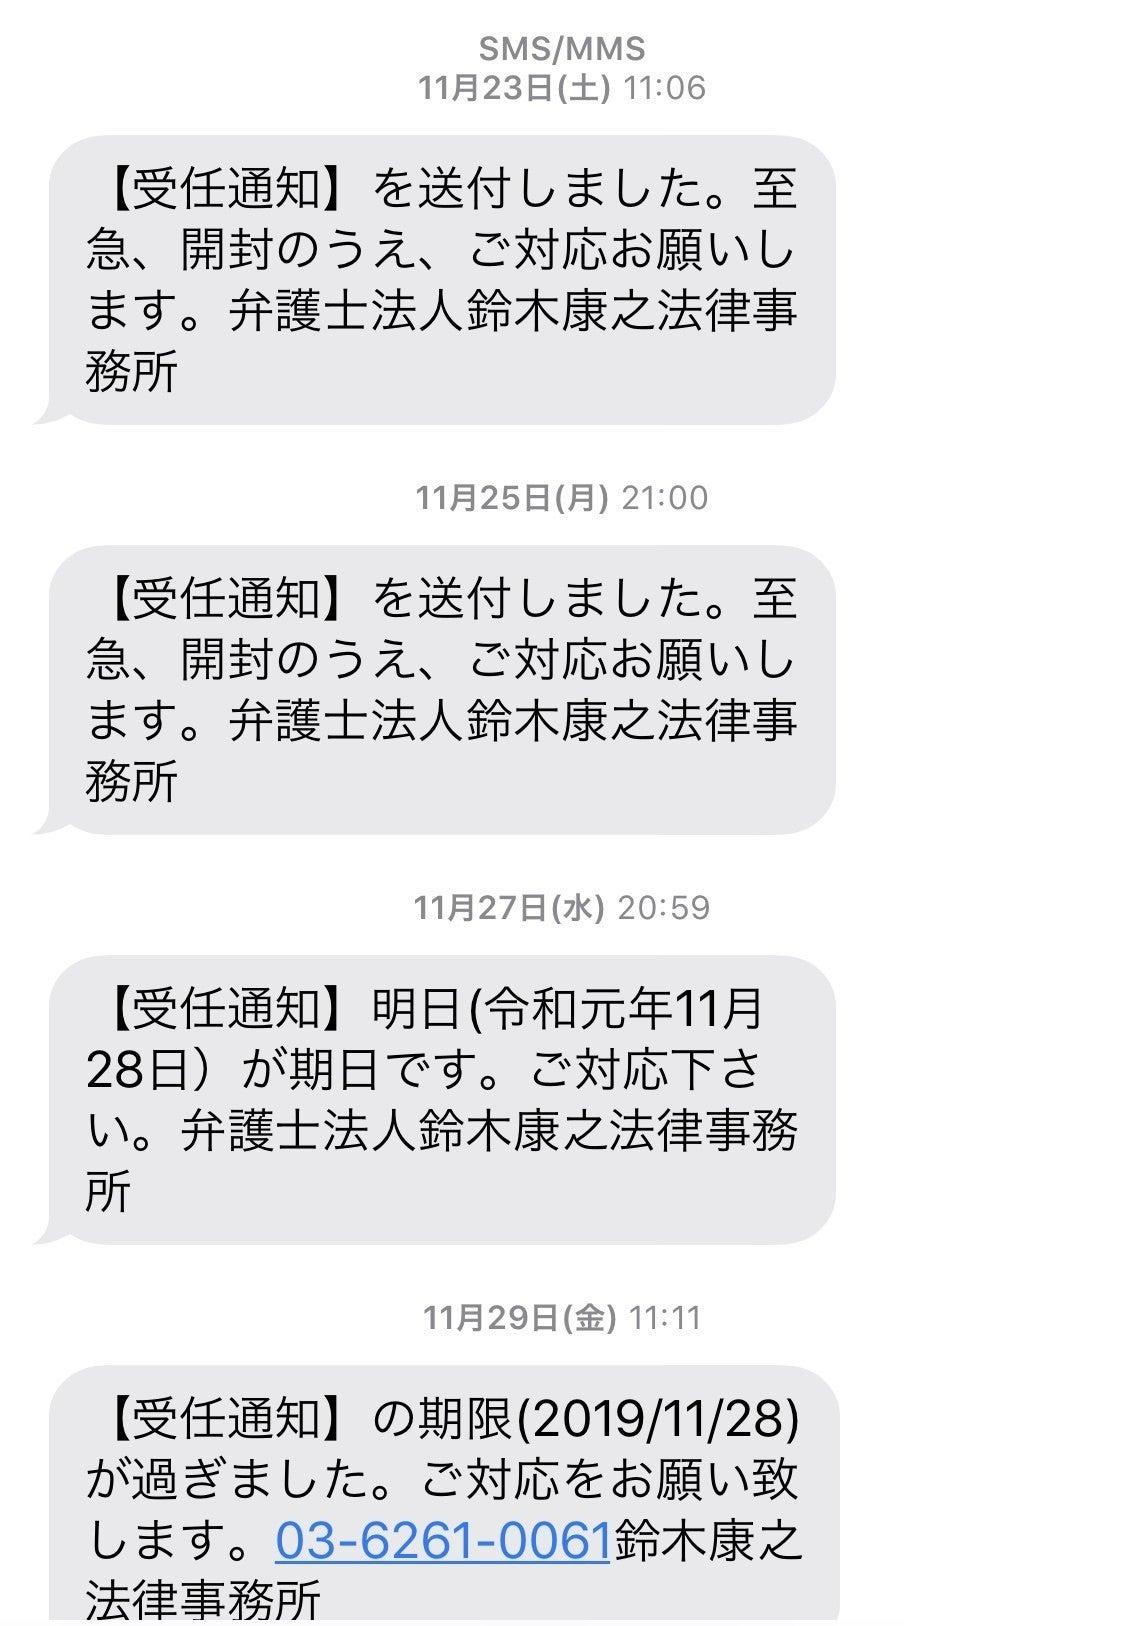 法律 康之 法人 事務 鈴木 所 弁護士